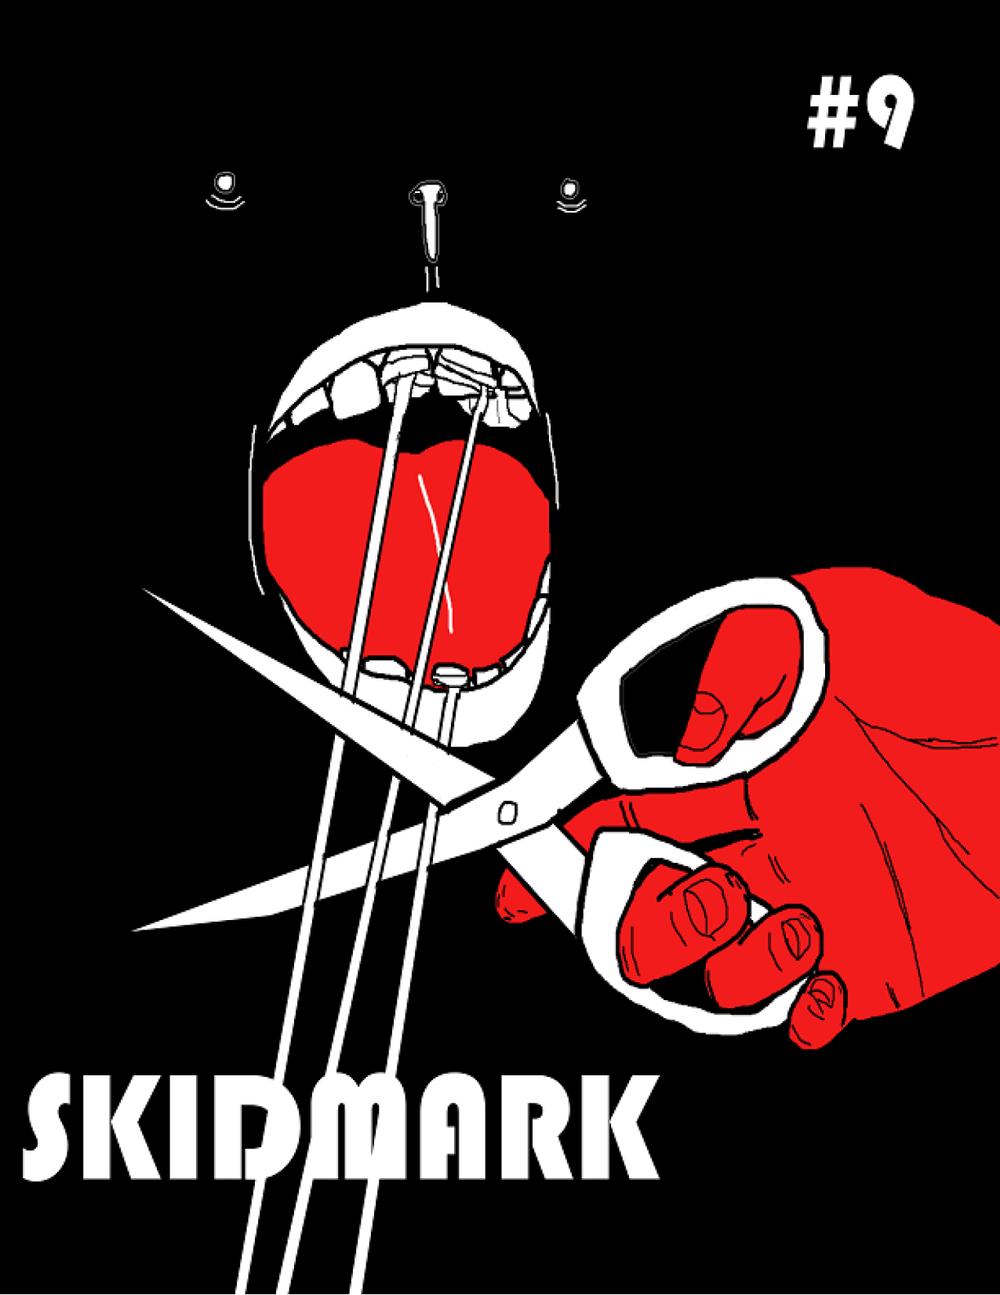 Skidmark 9 Full 2.png